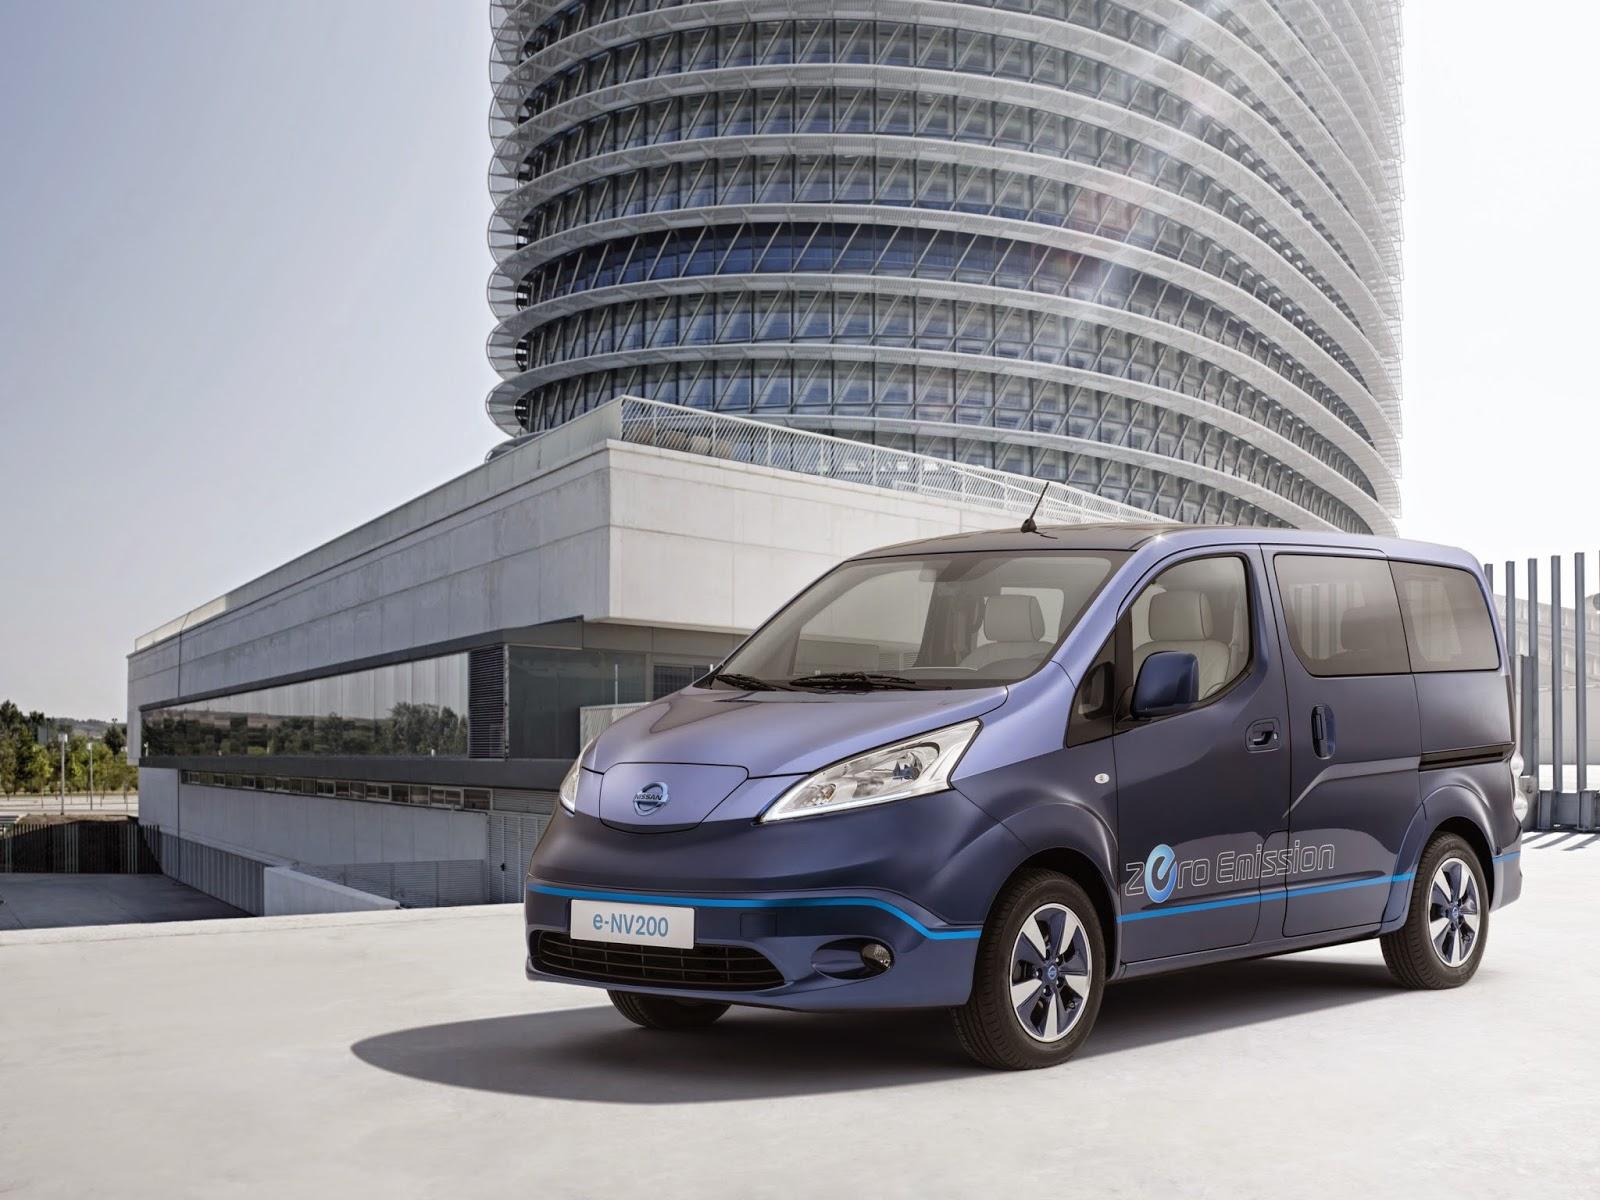 Πρωτότυπο ηλεκτροκίνητο van από τη Nissan, για VIP μετακινήσεις